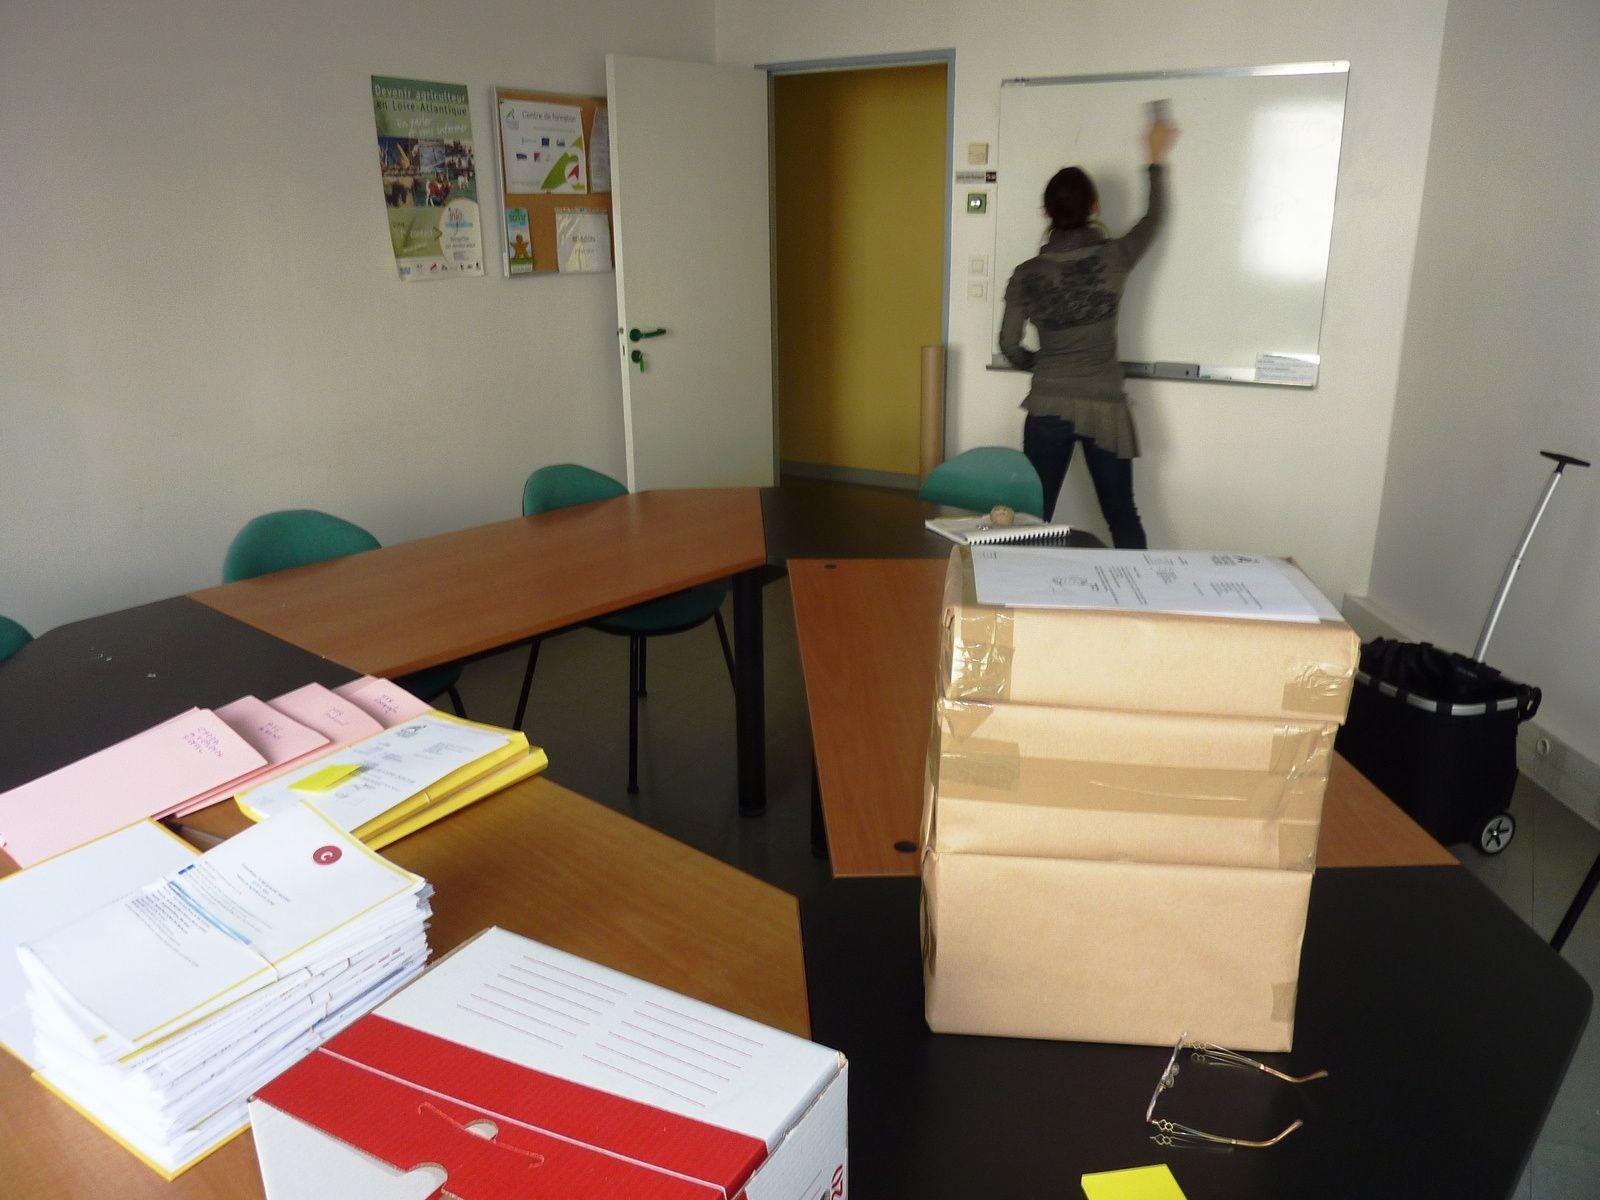 Fin de chantier, les paquets sont prêts à être transmis à la Région